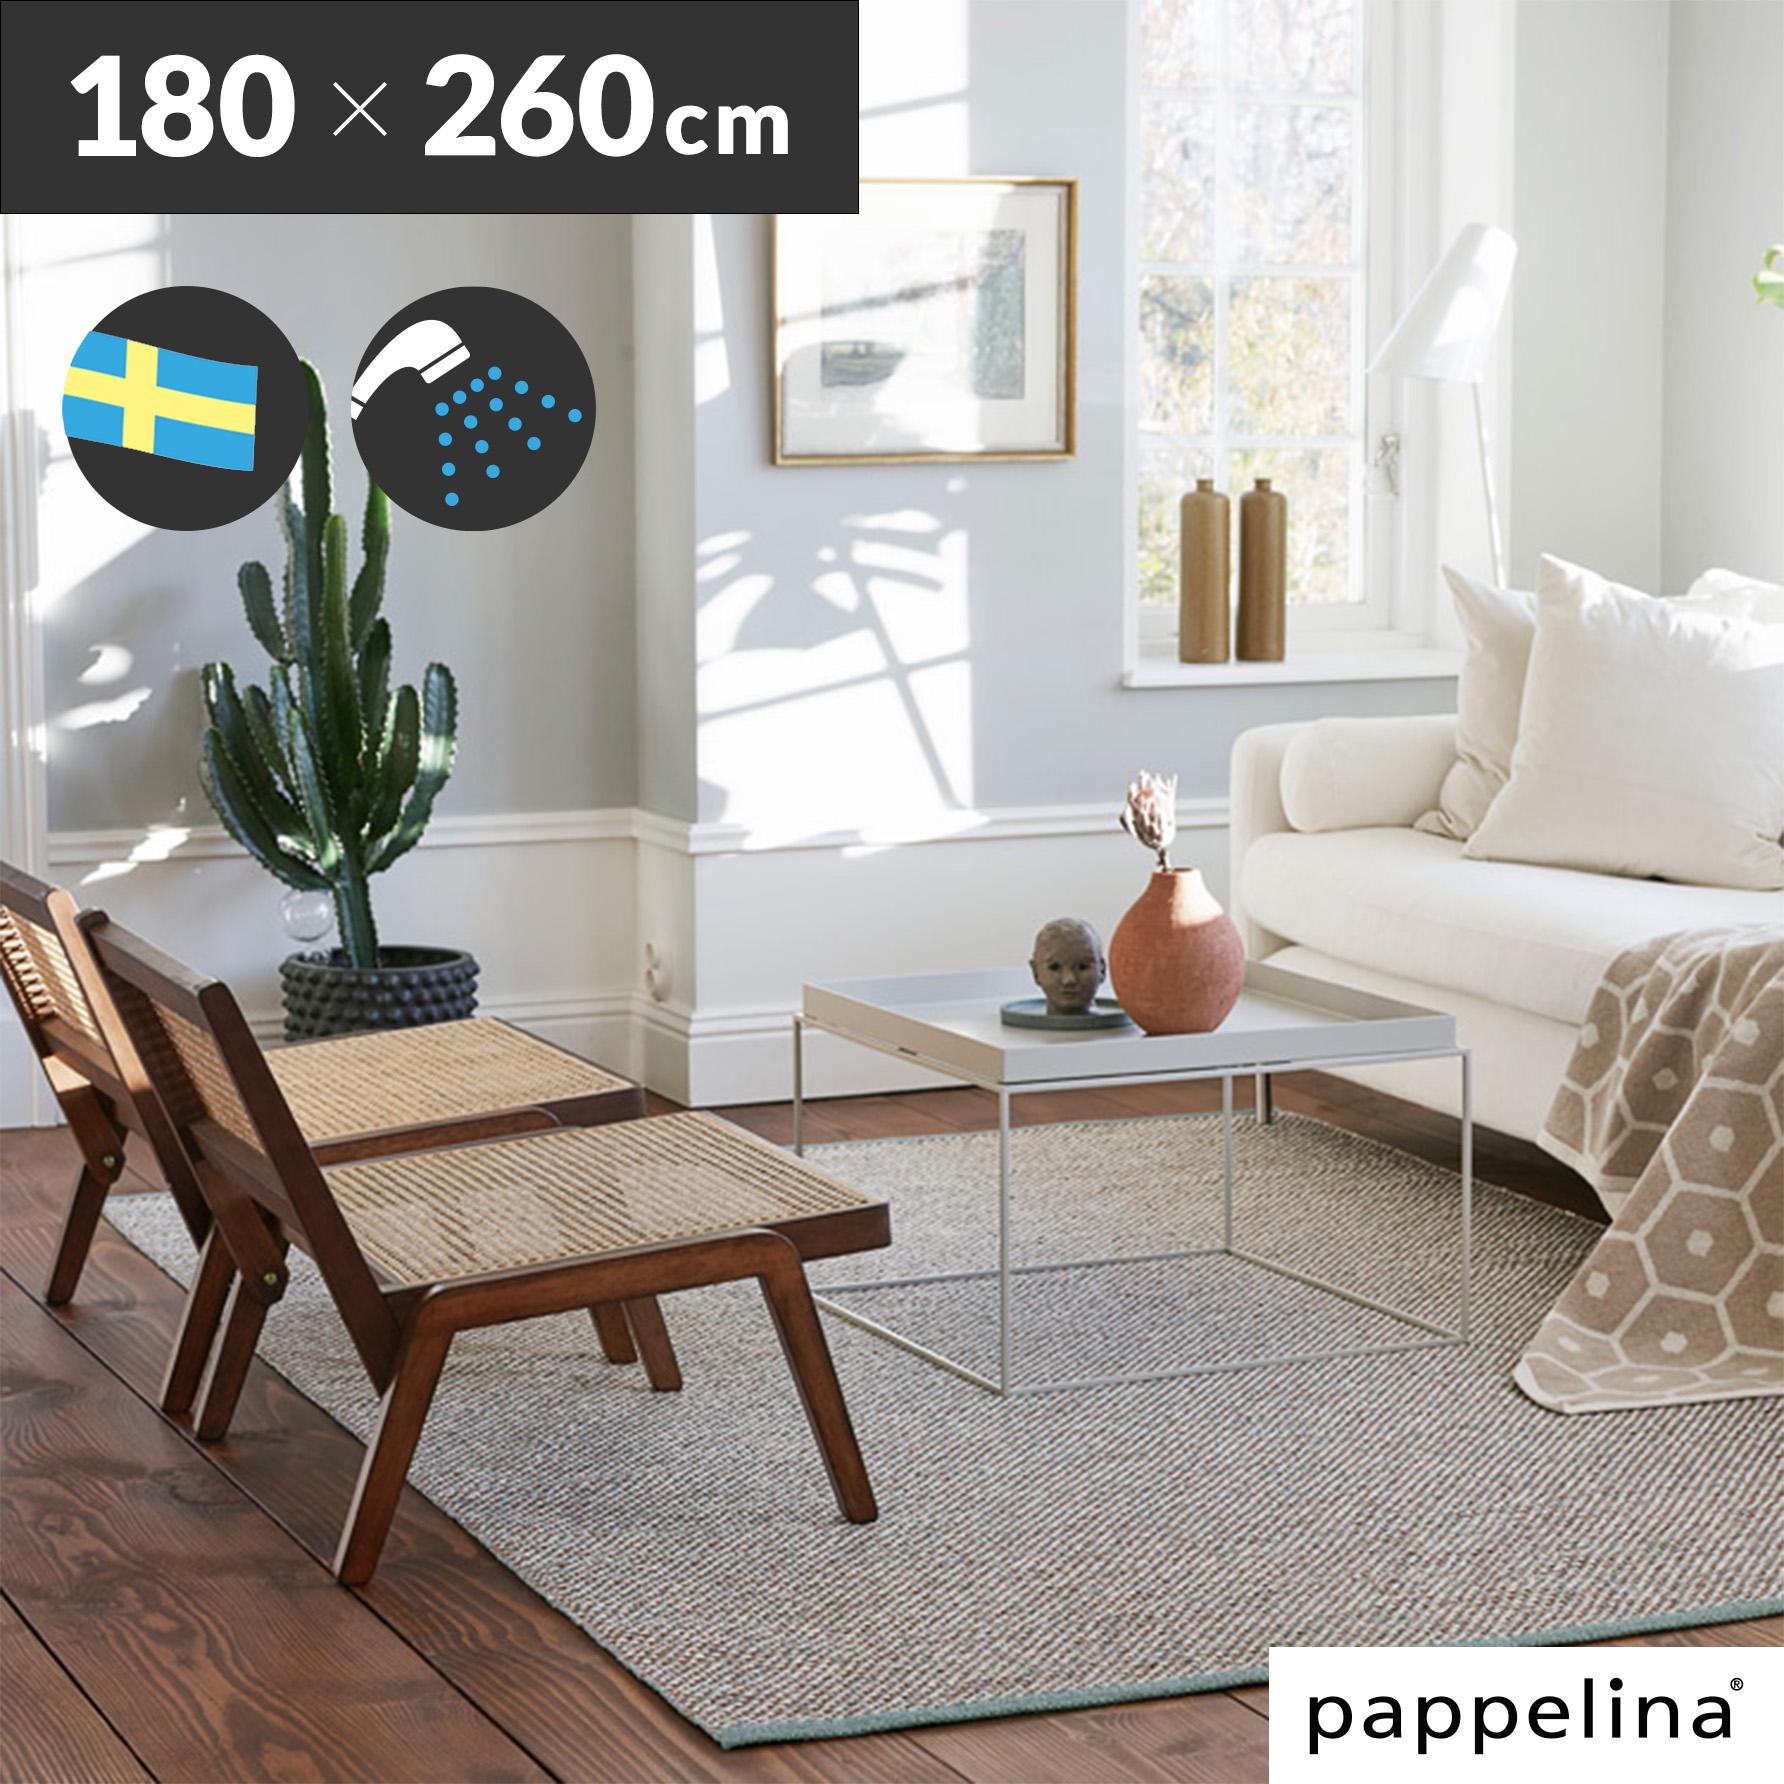 pappelina パペリナ正規販売店Effi エッフィ 180-260ダイニングラグマット・リビング カーペット